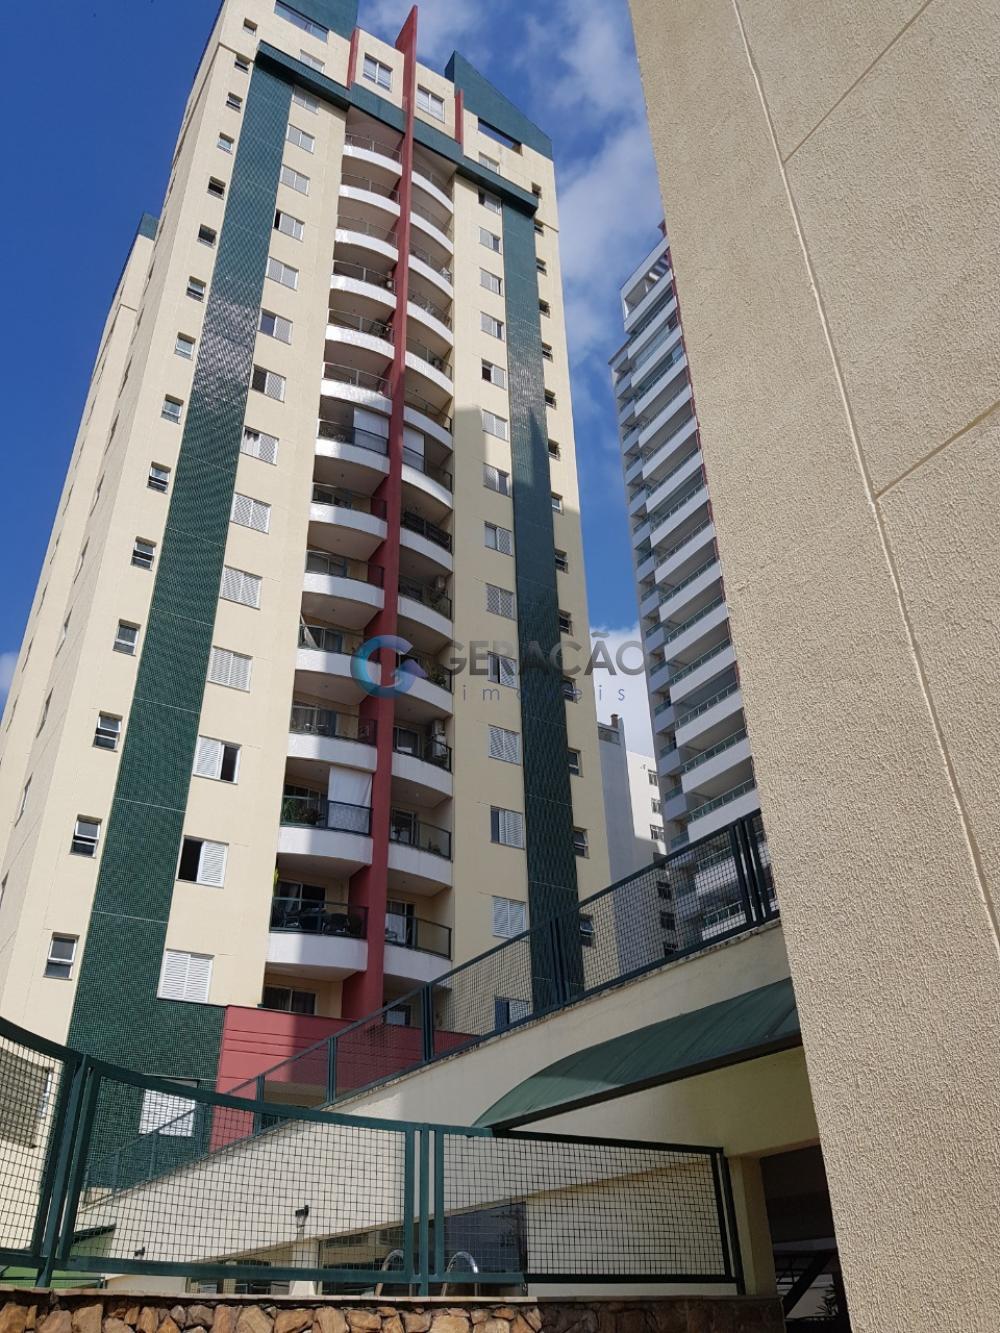 Alugar Apartamento / Padrão em São José dos Campos R$ 2.000,00 - Foto 1